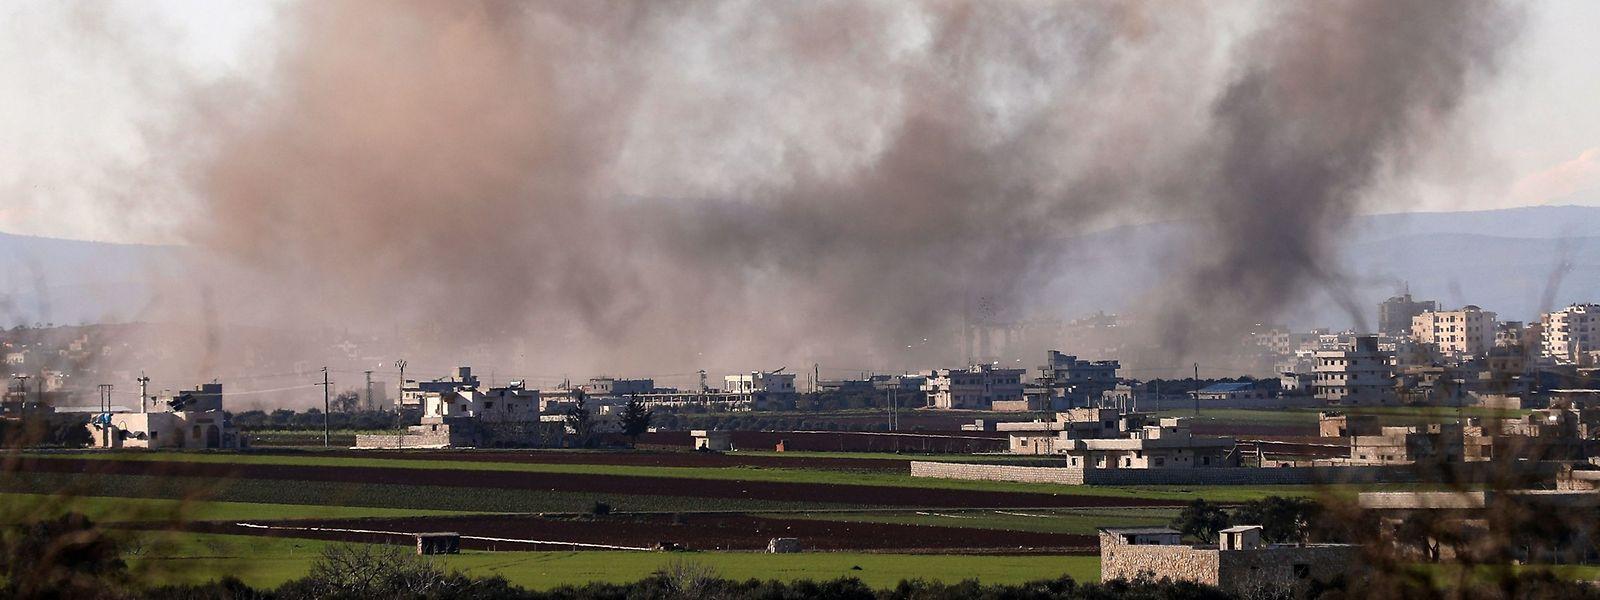 Rauch über der Stadt Sarageb östlich von Idlib. Idlib ist das letzte große Rebellengebiet in Syrien.